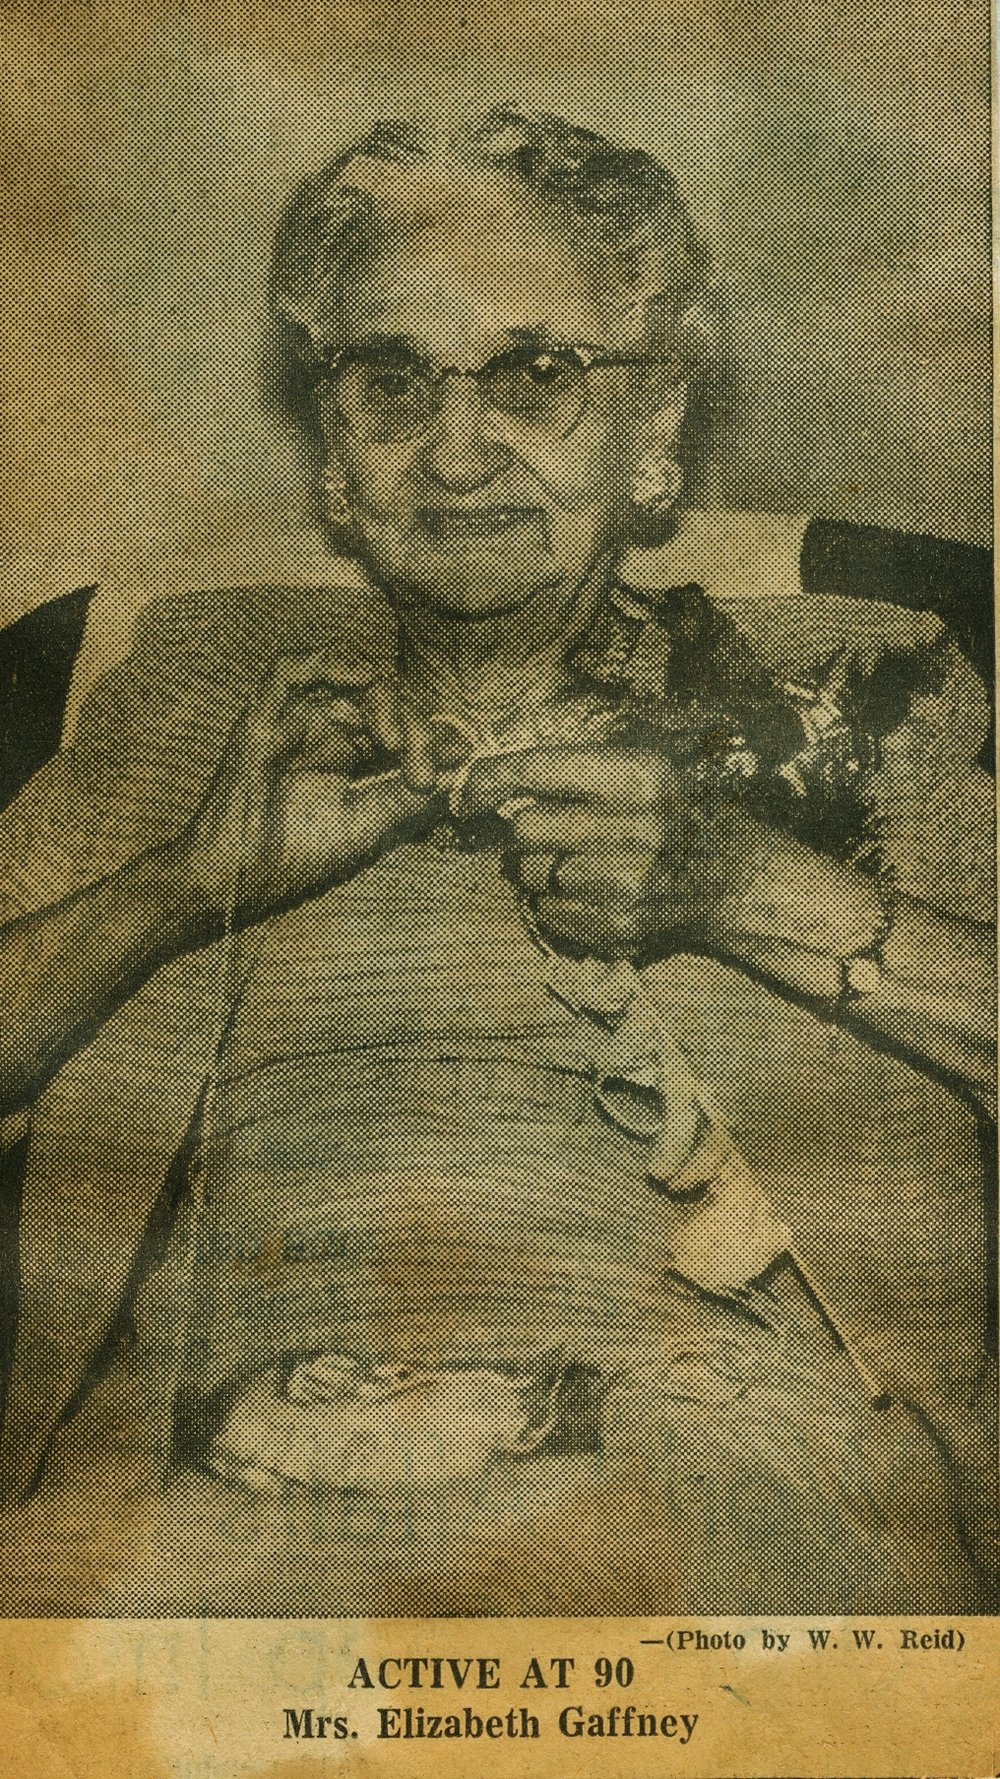 Elizabeth Gaffney 90.jpg